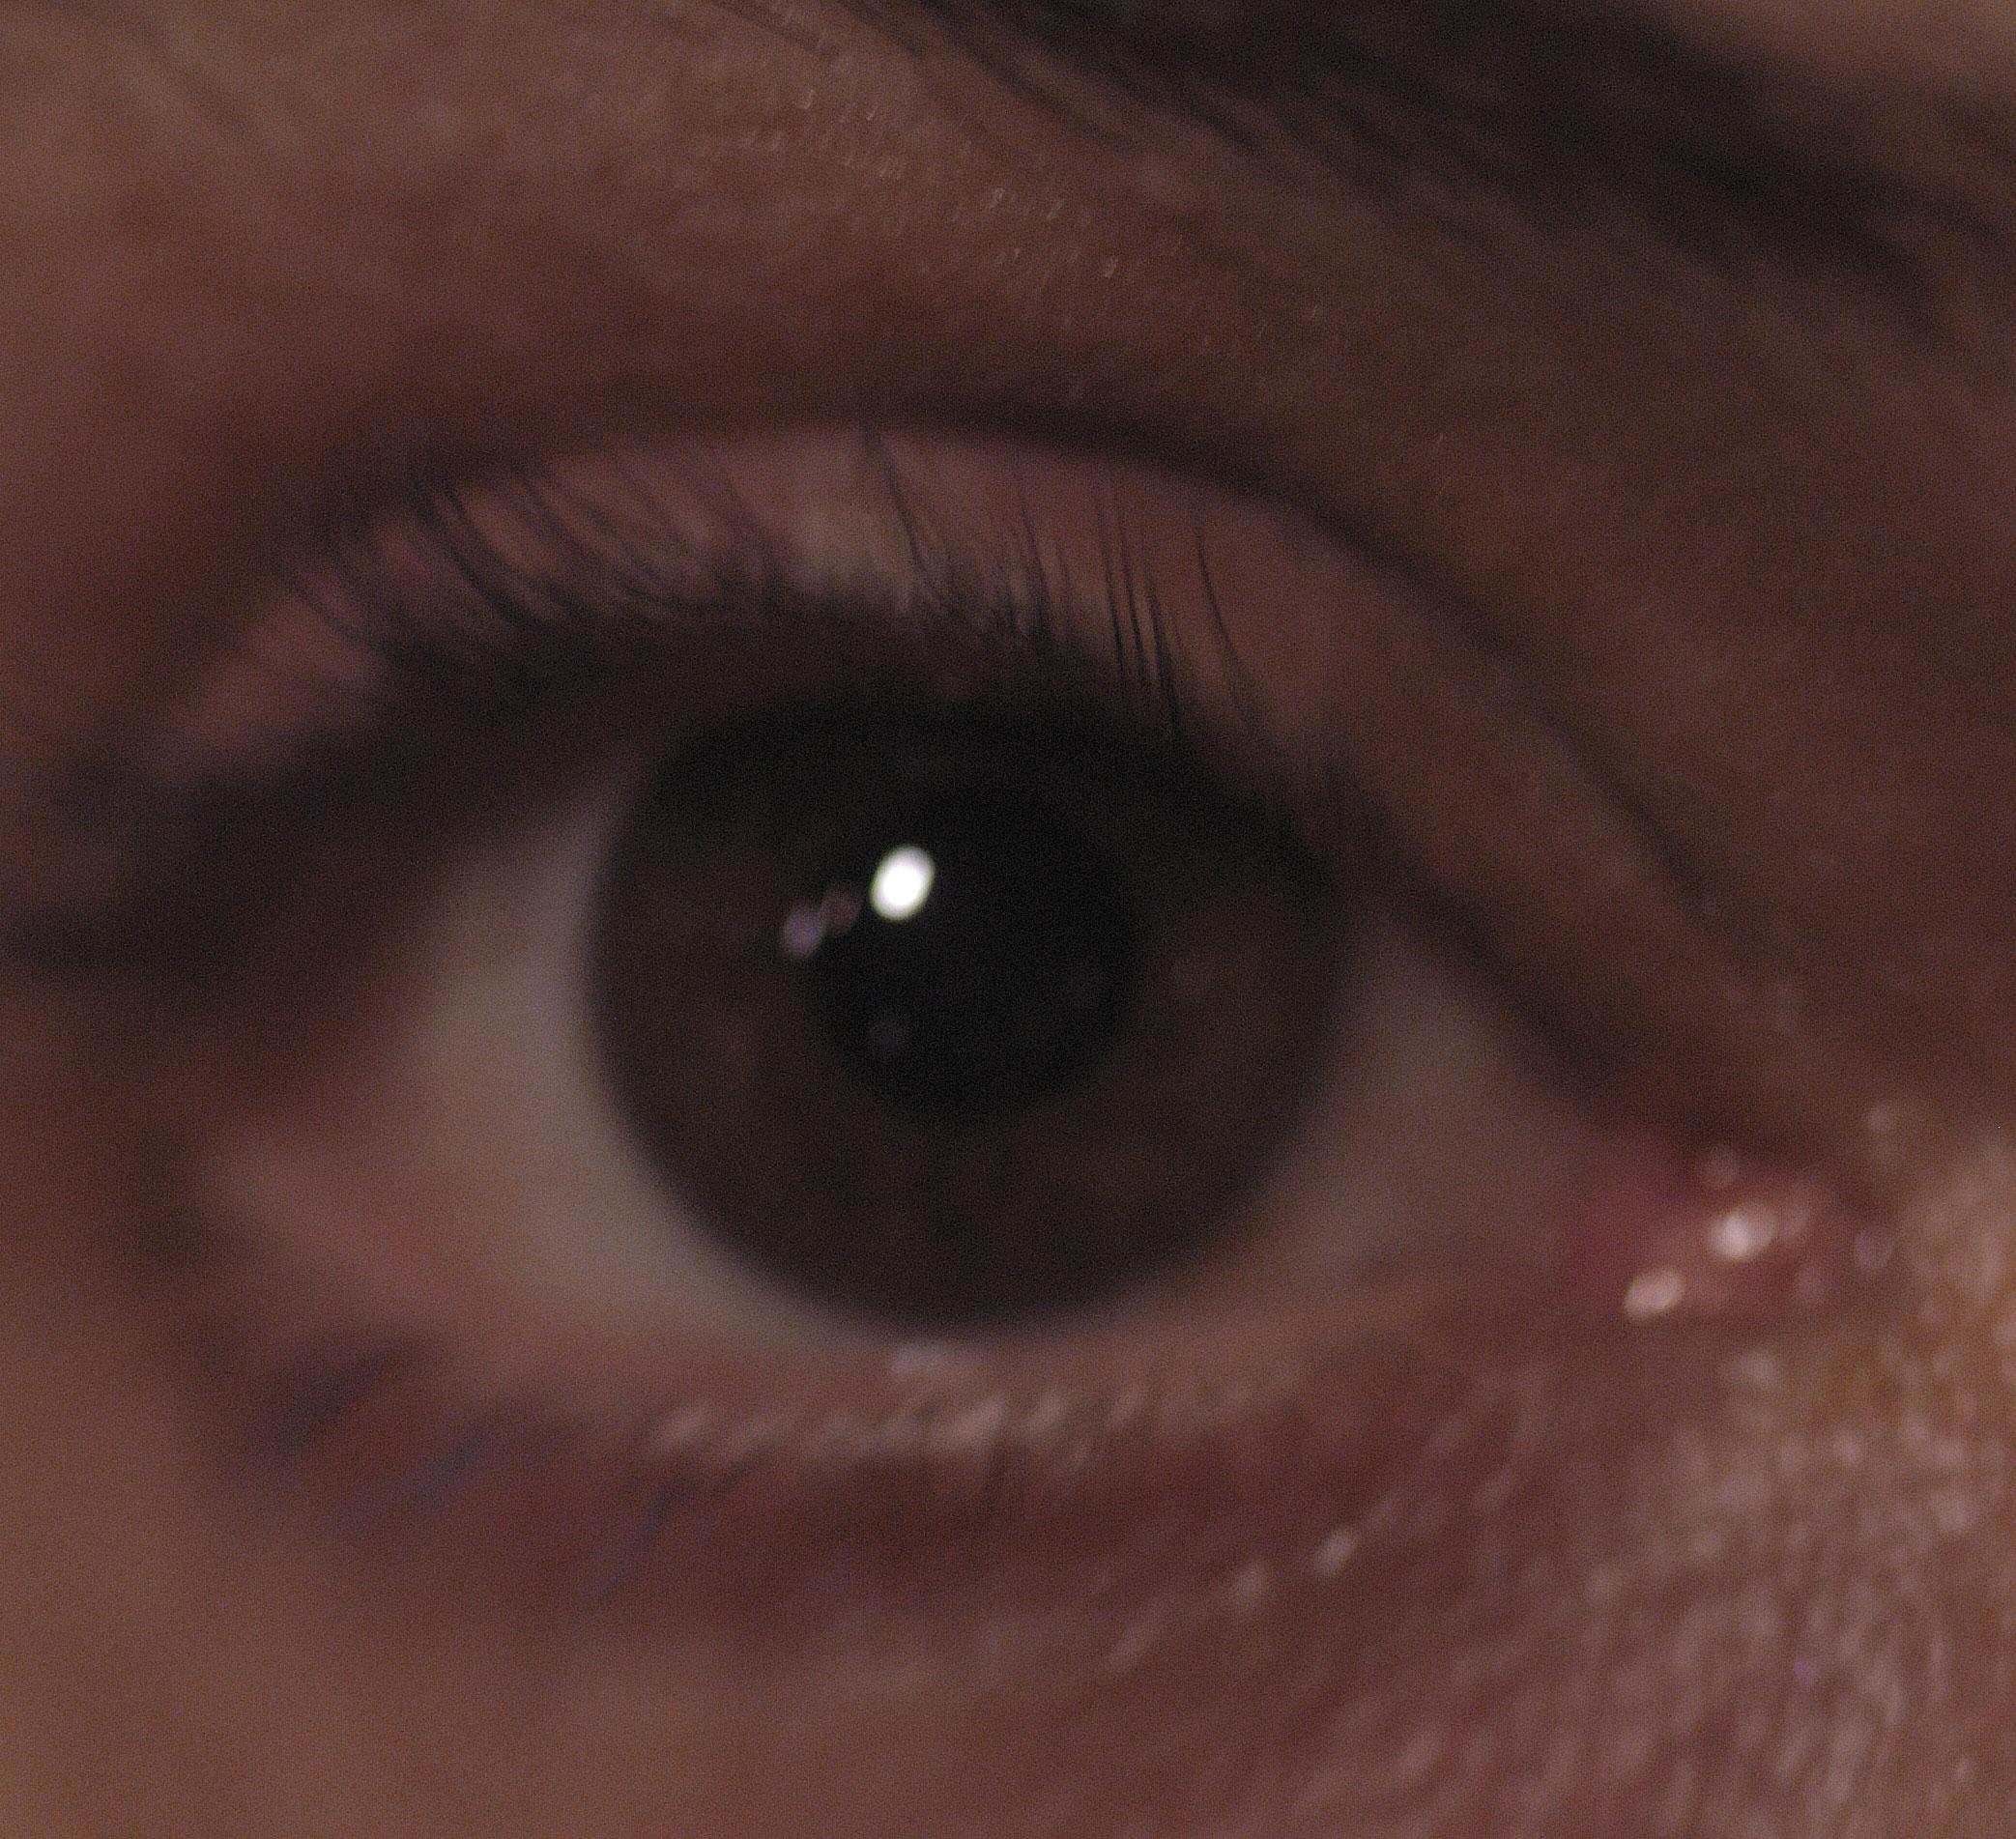 eye-page-23